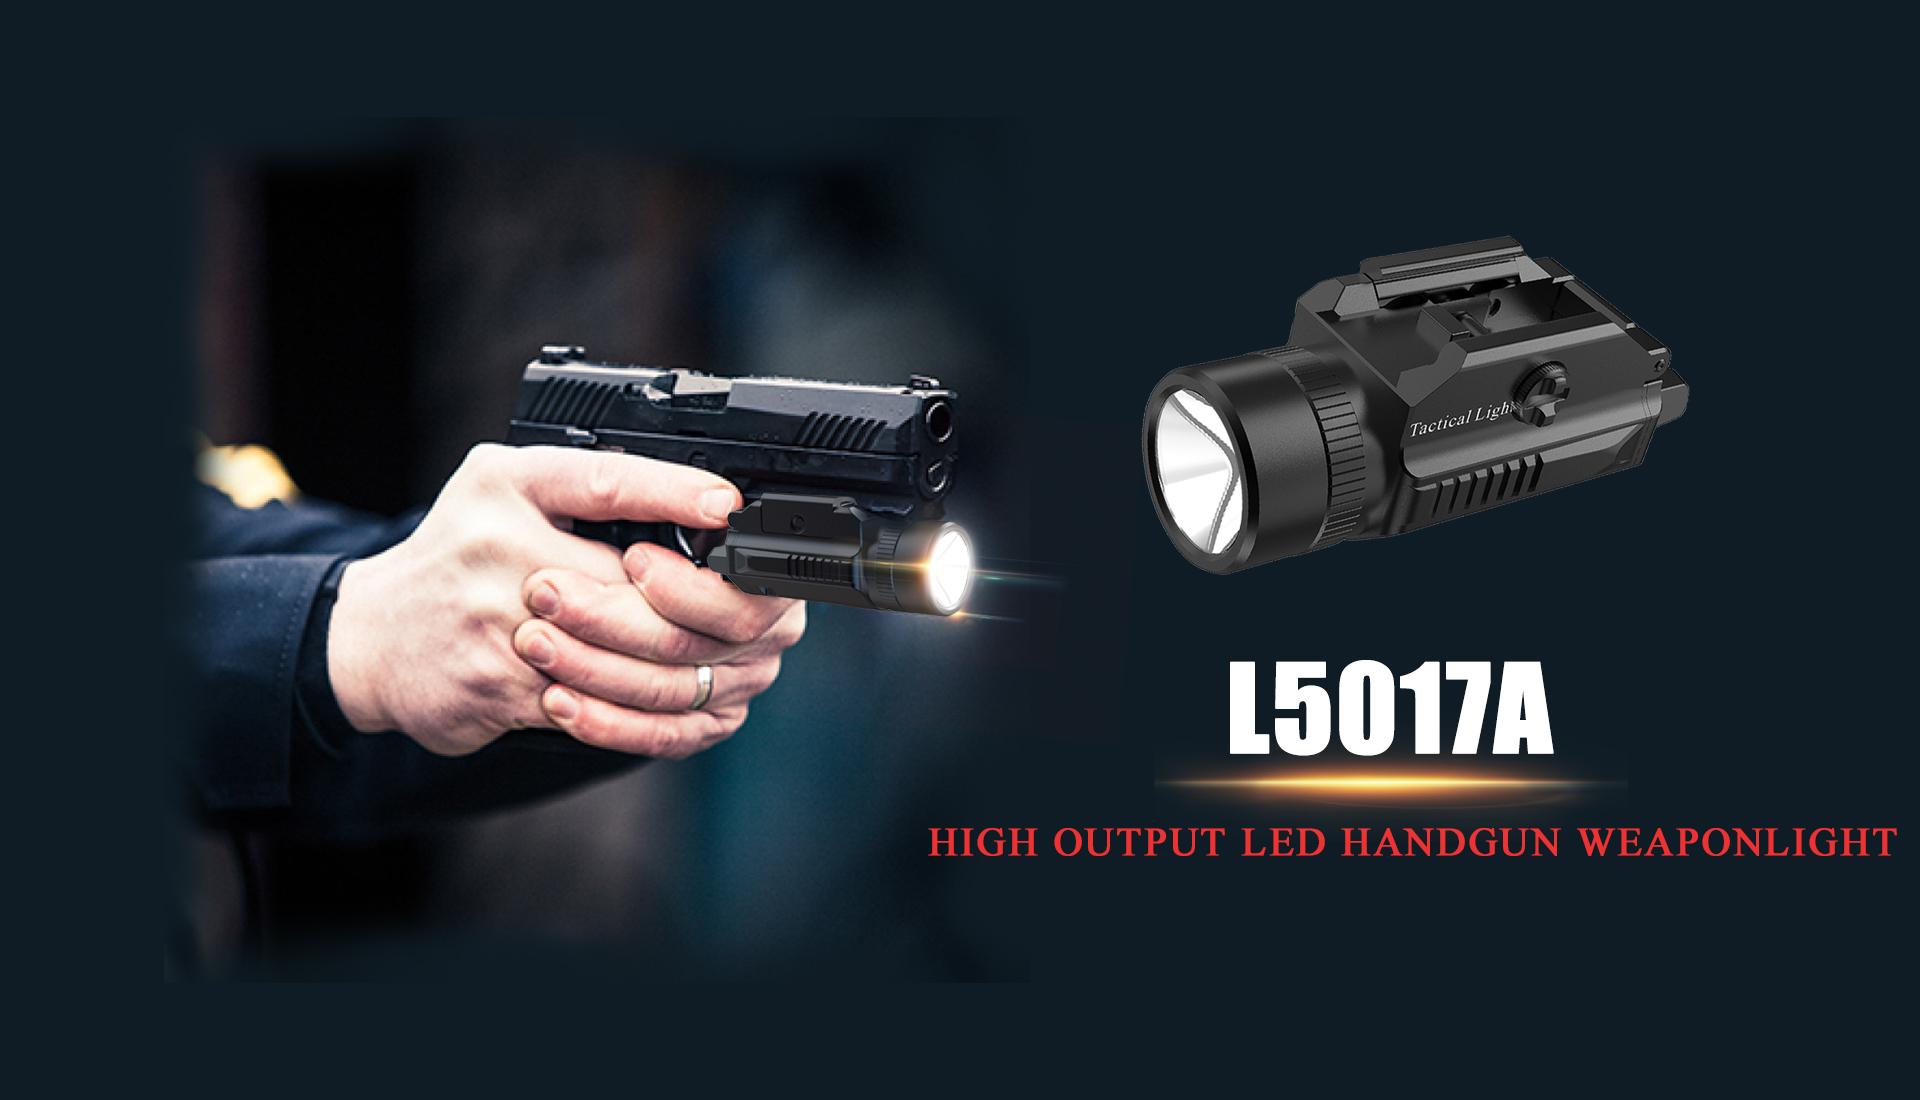 L5017A